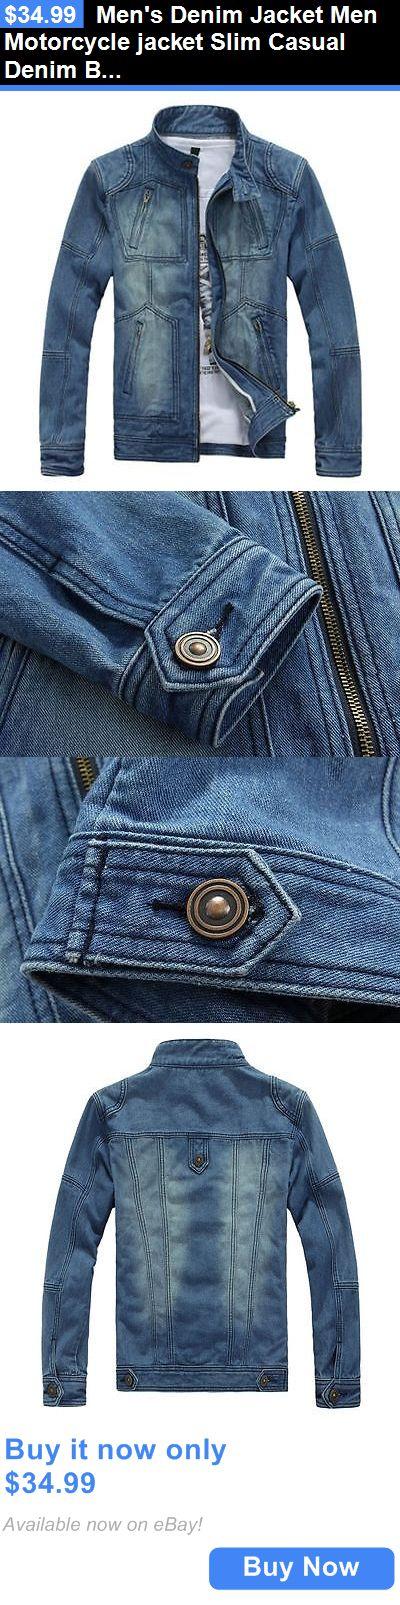 Men Coats And Jackets: Mens Denim Jacket Men Motorcycle Jacket Slim Casual Denim Biker Coat BUY IT NOW ONLY: $34.99